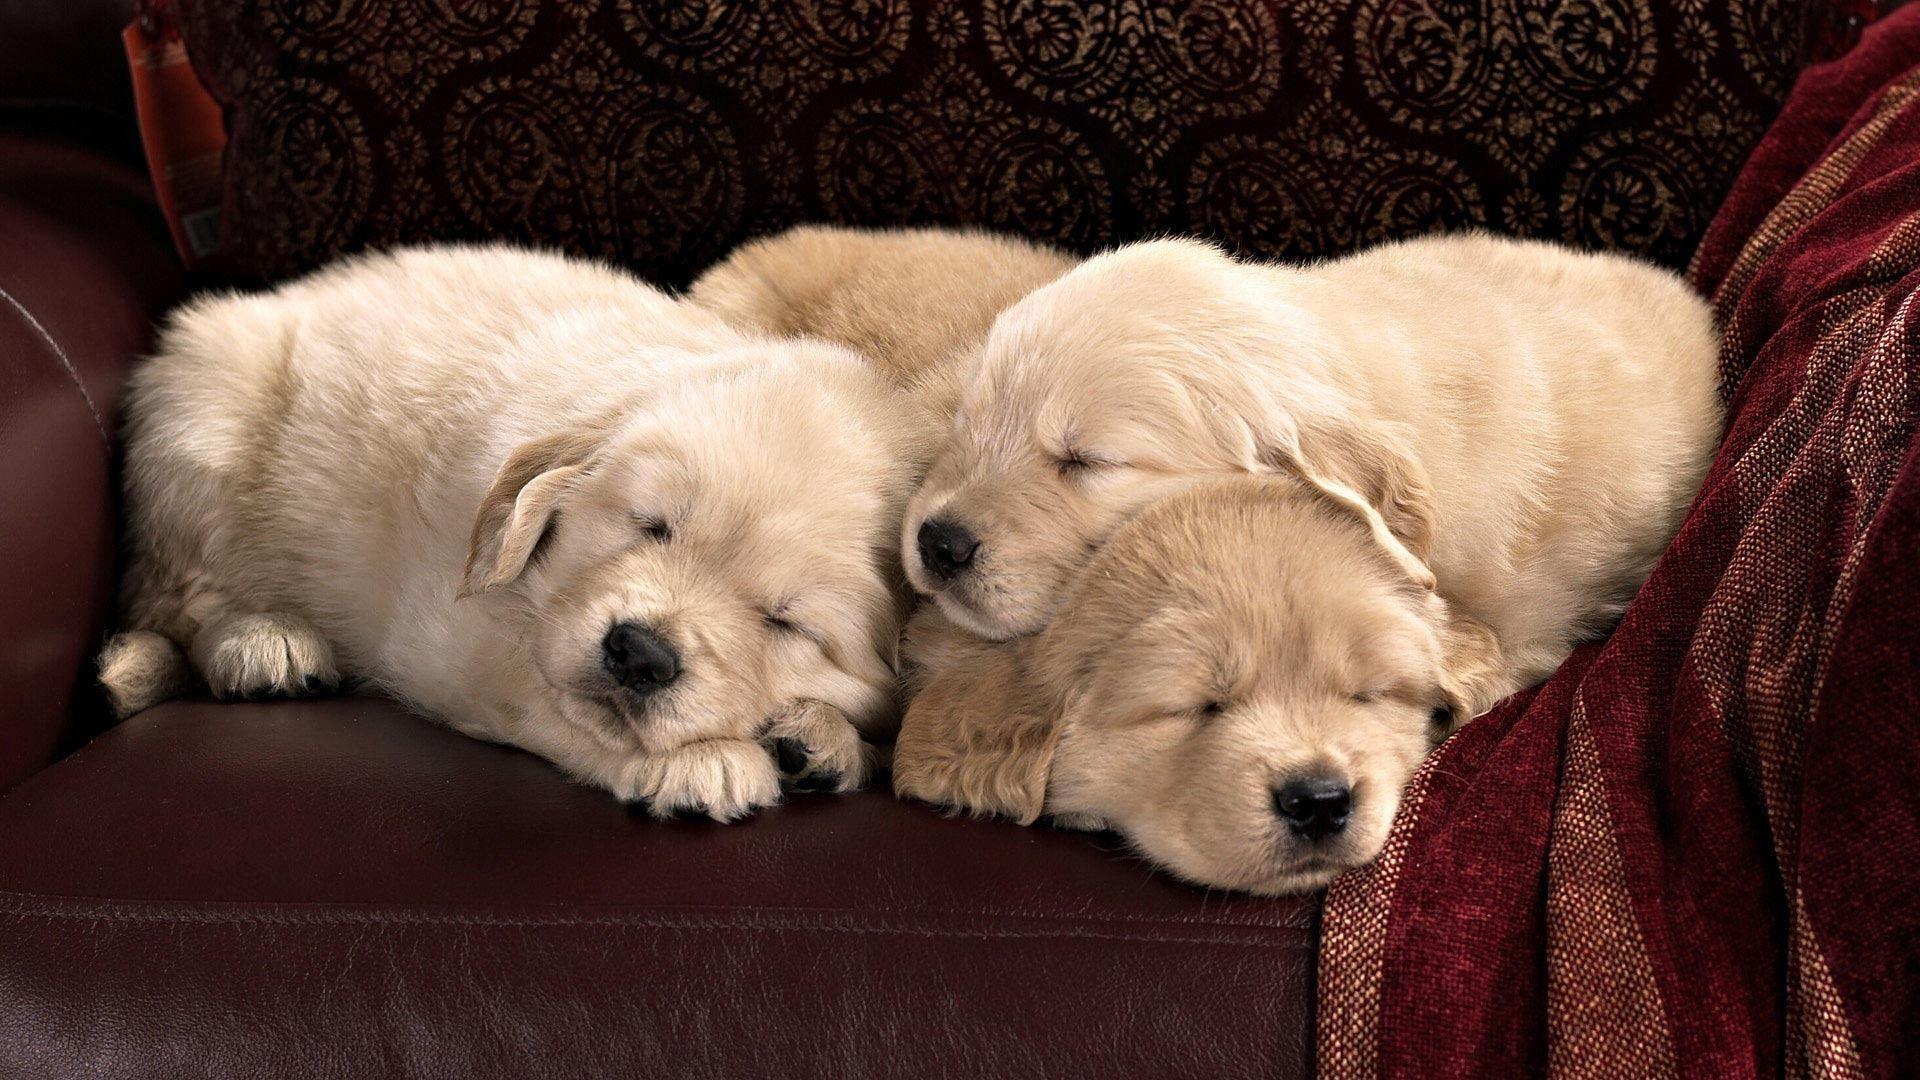 Sleeping Golden Retriever Puppies Wallpaper Cute Dogs Cute Puppies